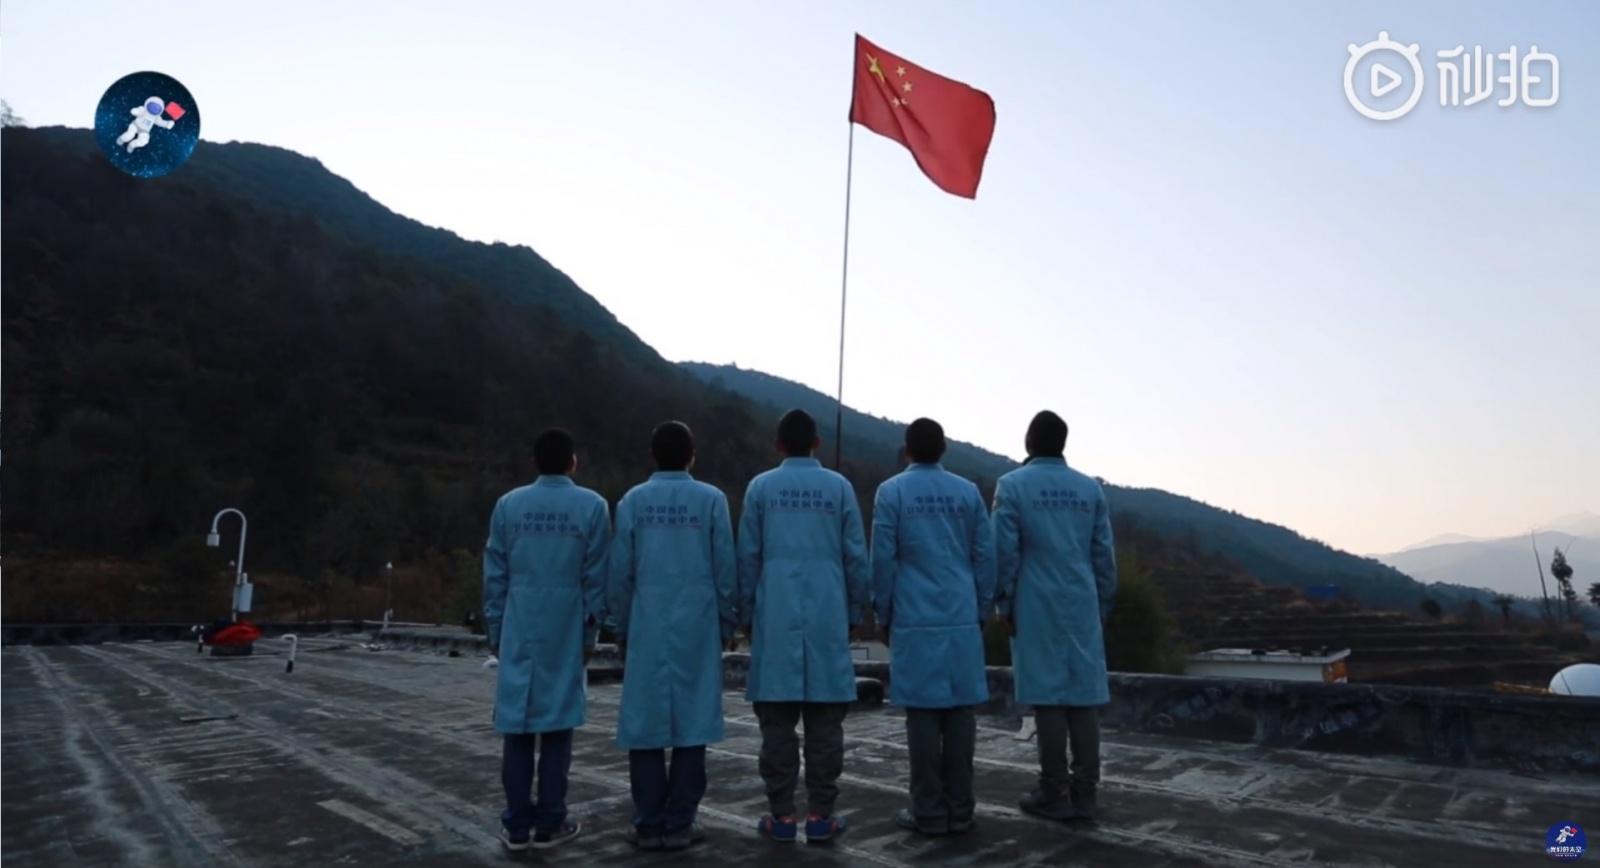 Суровая рабочая реальность — Китайский космодром Сичан (Xichang Satellite Launch Center — XSLC) - 85